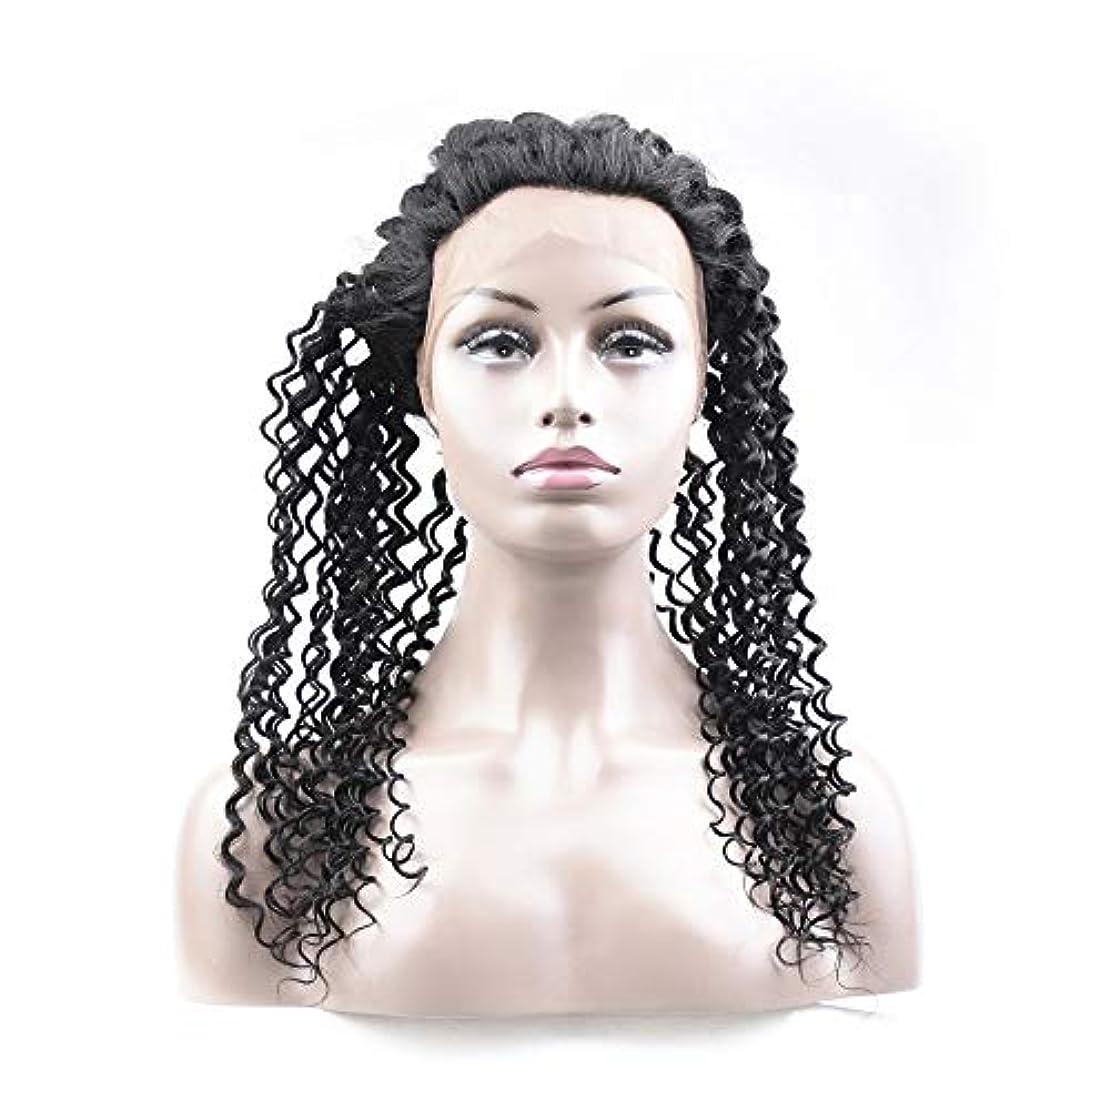 アサート可能代数JULYTER ブラジルのディープウェーブ人間の髪の毛360レース前頭かつら12インチ未処理のバージンヘアウィッグナチュラルカラー (色 : 黒, サイズ : 22 inch)